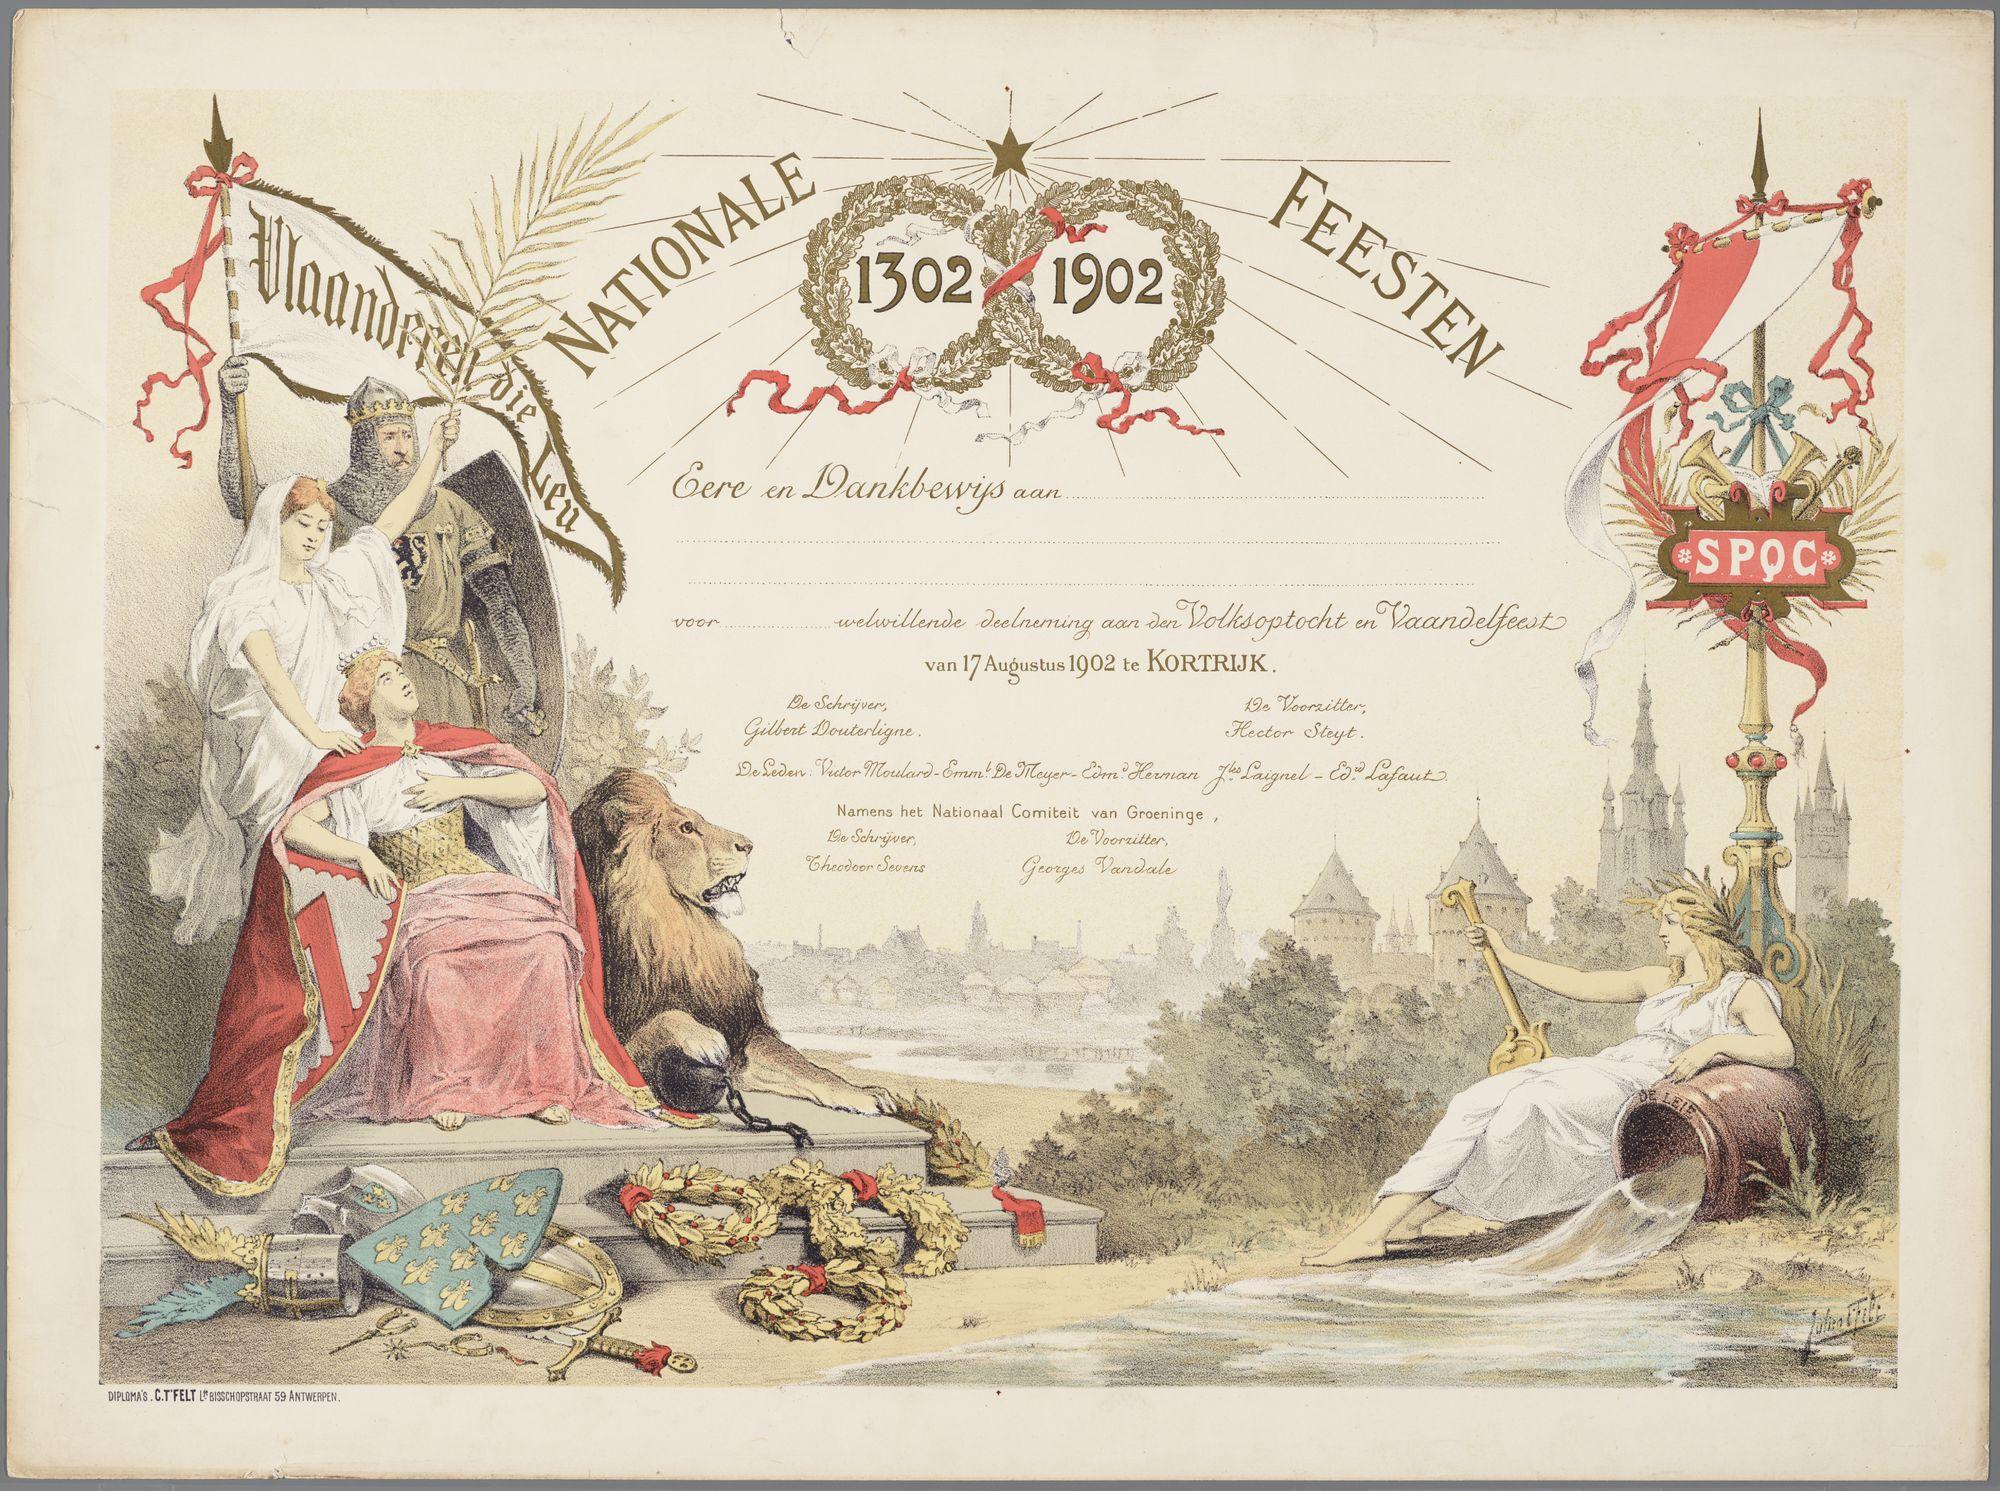 Nationaal Comiteit van Groeninghe 1902